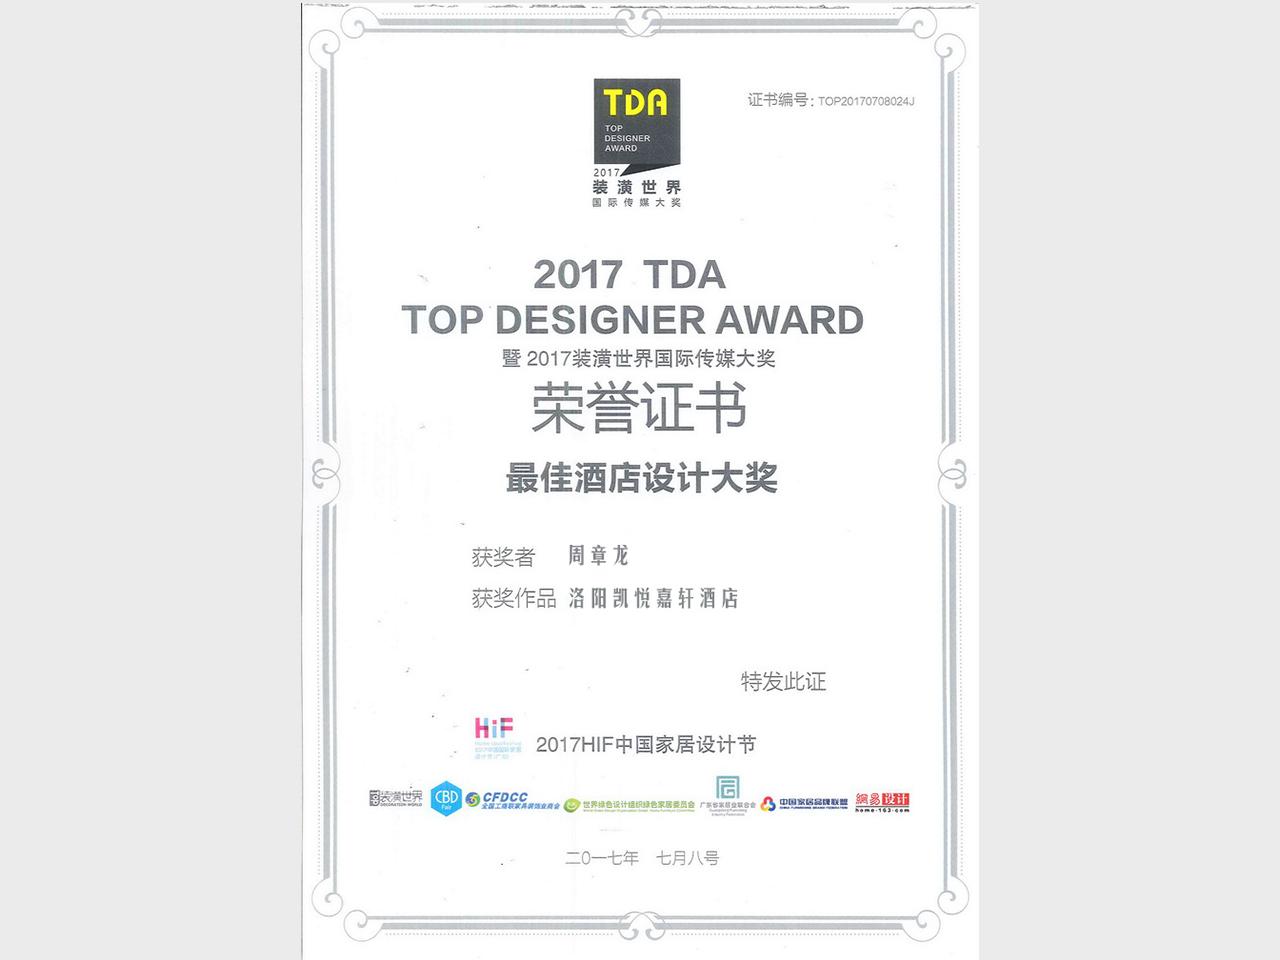 2017年度荣获TDA TOP DESIGNER AWARD 暨2017装潢世界国际传媒大奖:最佳酒店设计大奖